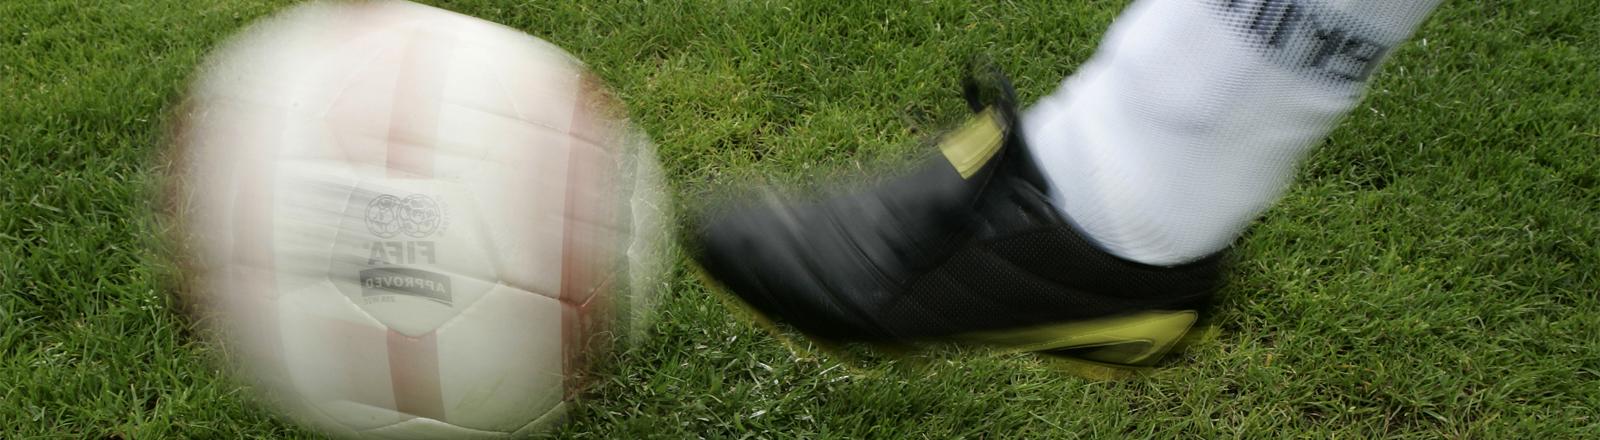 Fußballer kickt gegen Ball